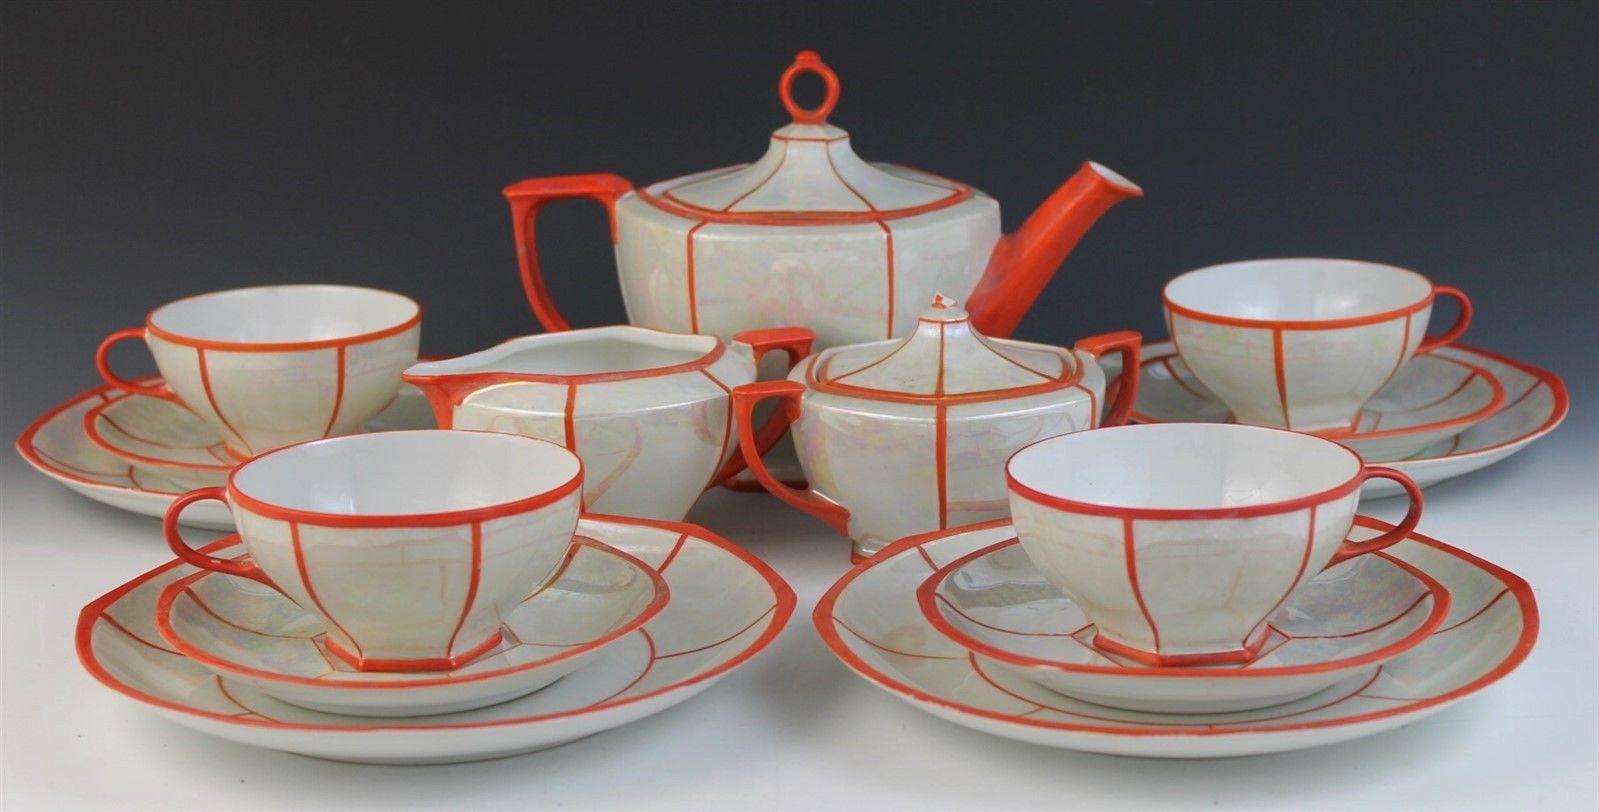 Vintage Czech Porcelain Tea Set From Mz Altrohlau Cmr